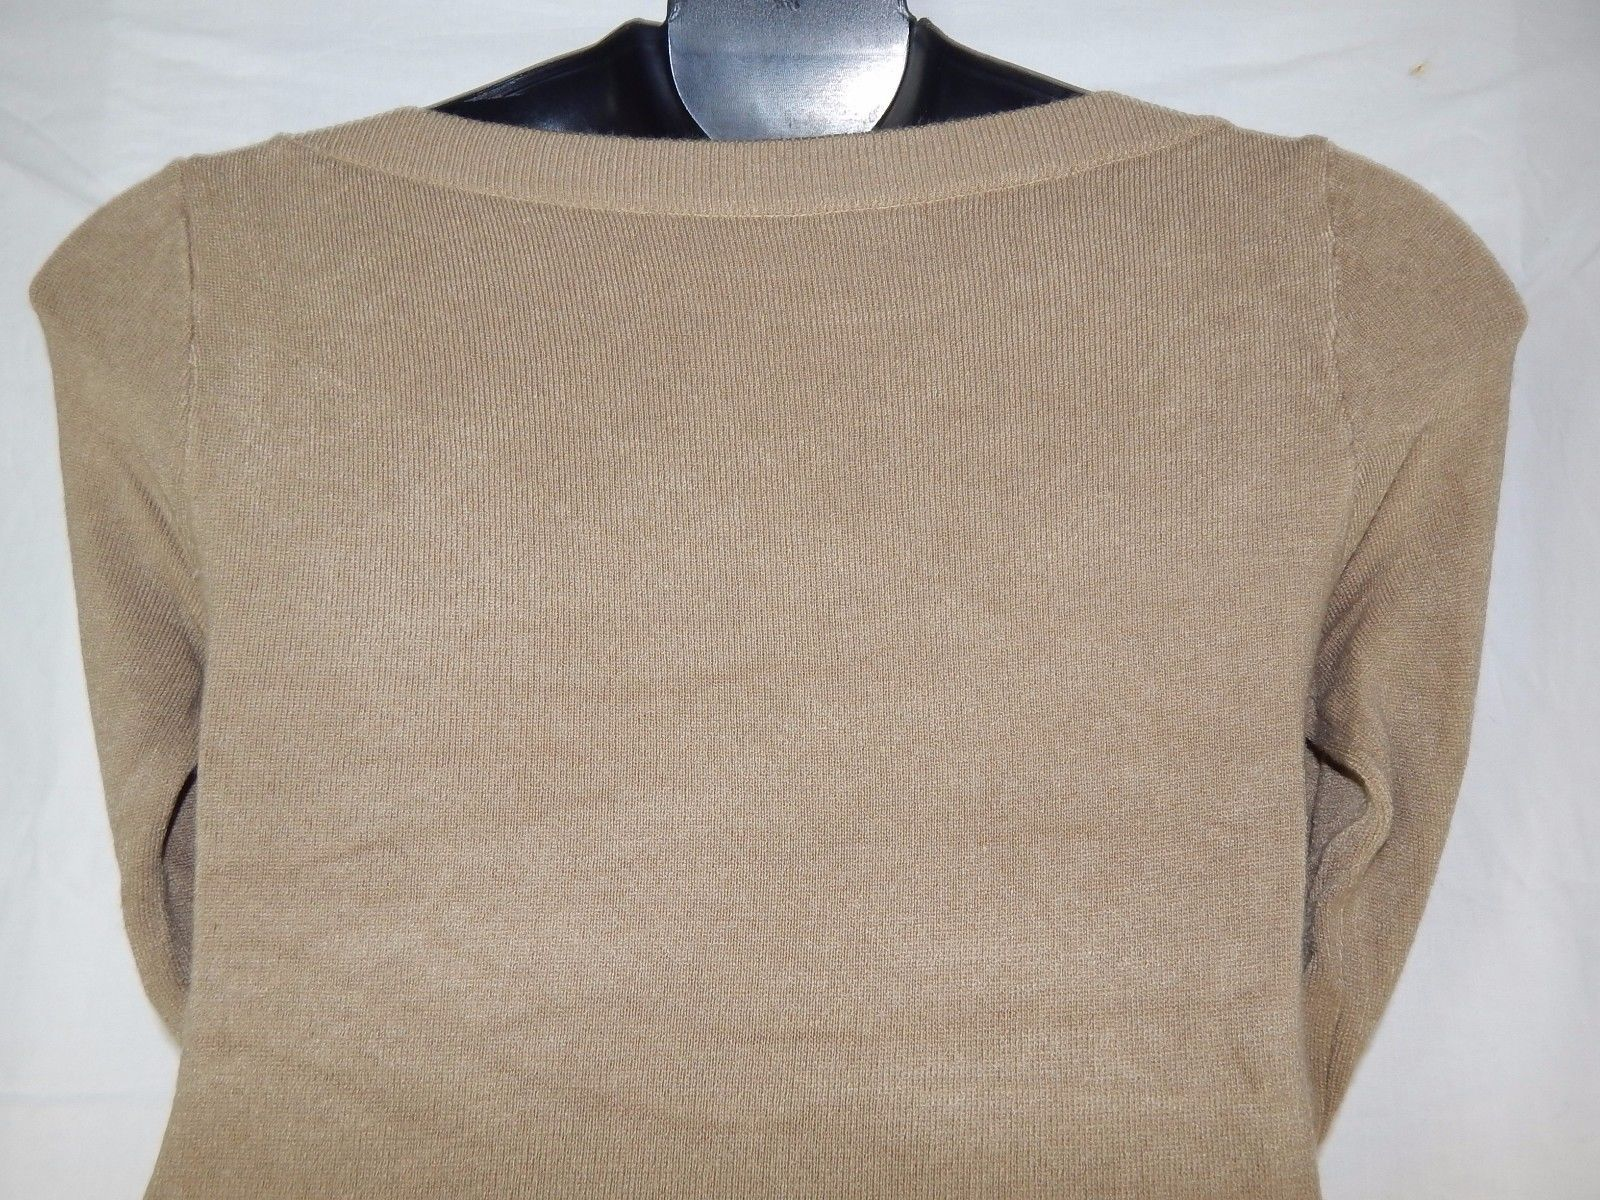 Wear Freedom Small Tan Beige Sweater Dress Long Sleeve